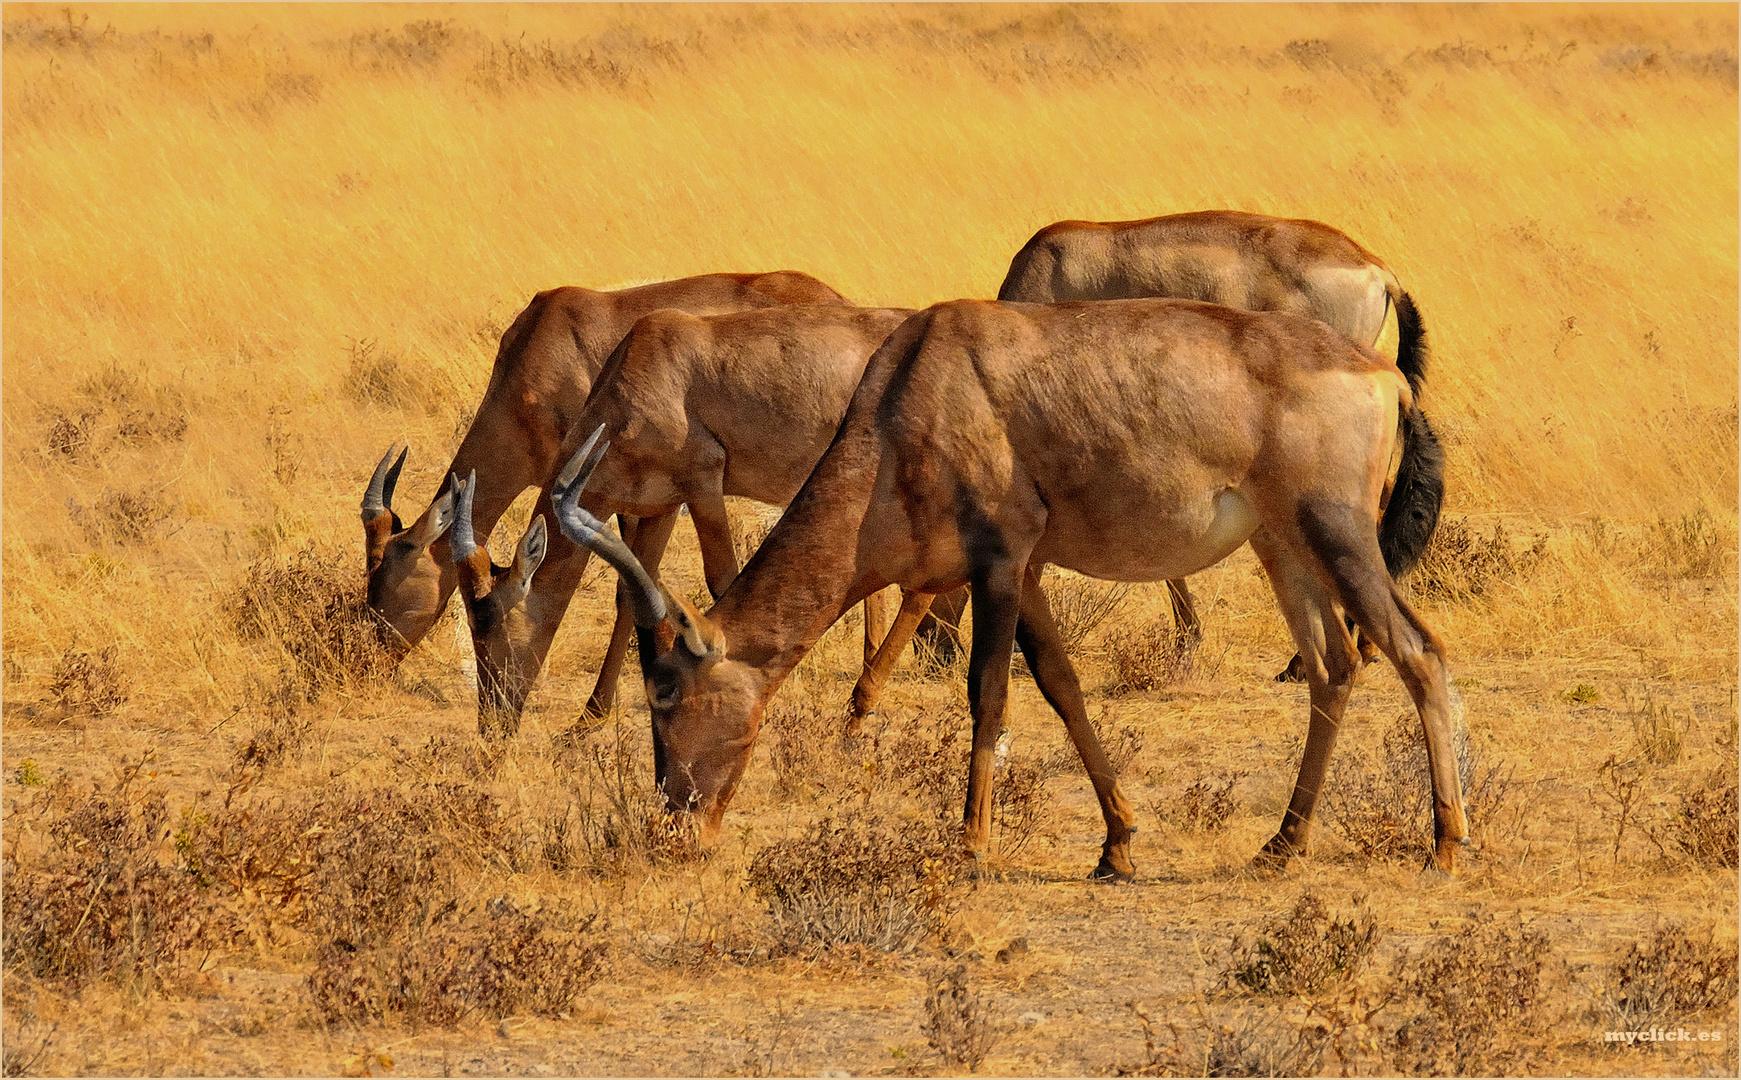 MEMORIAS DE AFRICA -CUATRO GACELAS 2-PN ETHOSA-NAMIBIA